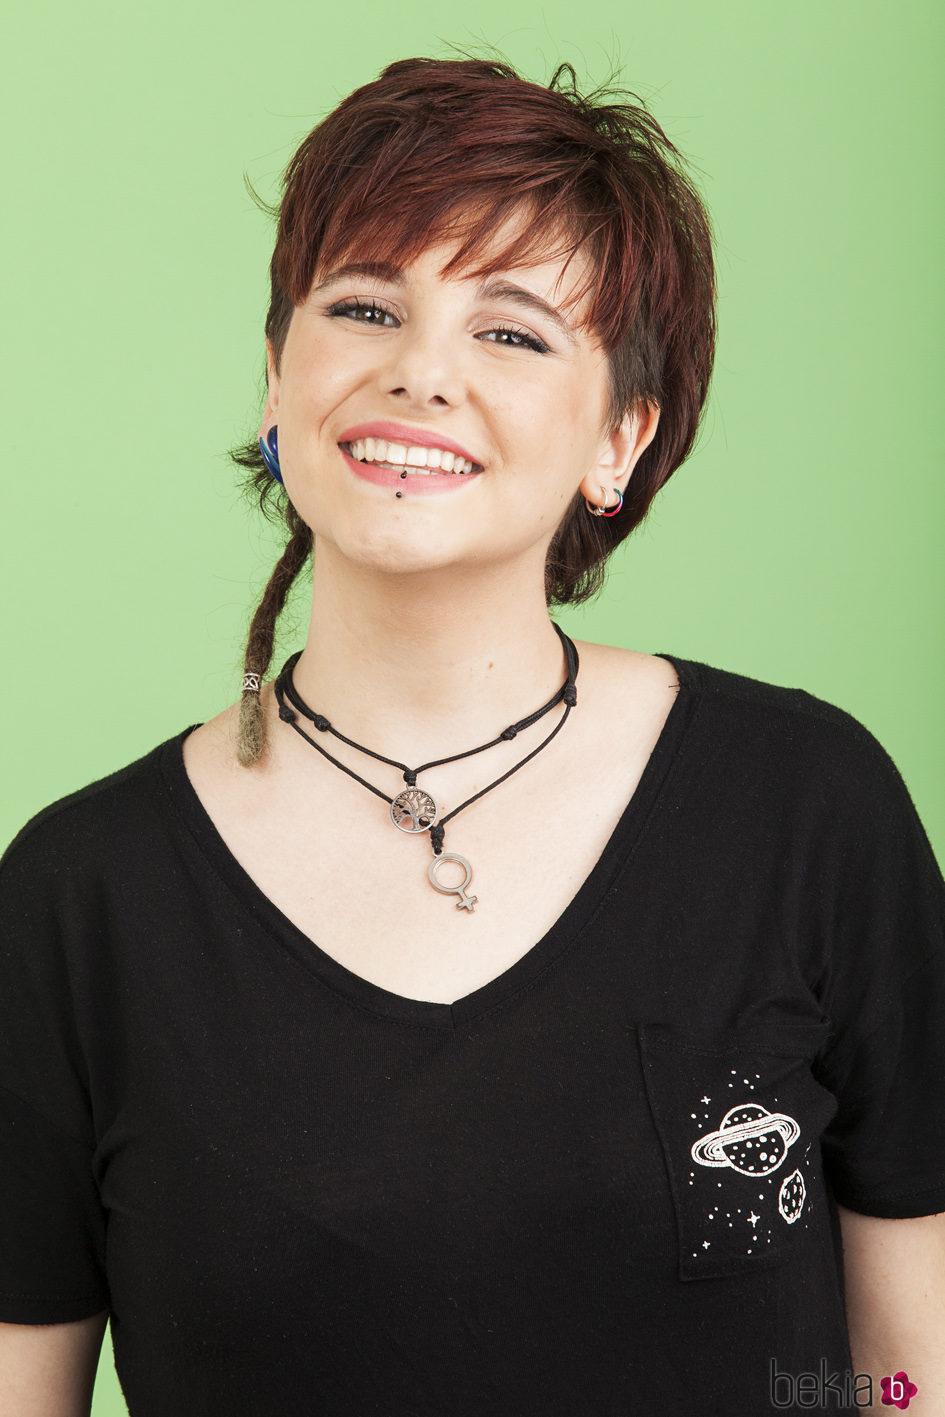 Marina Rodríguez, concursante de 'Operación Triunfo 2017'